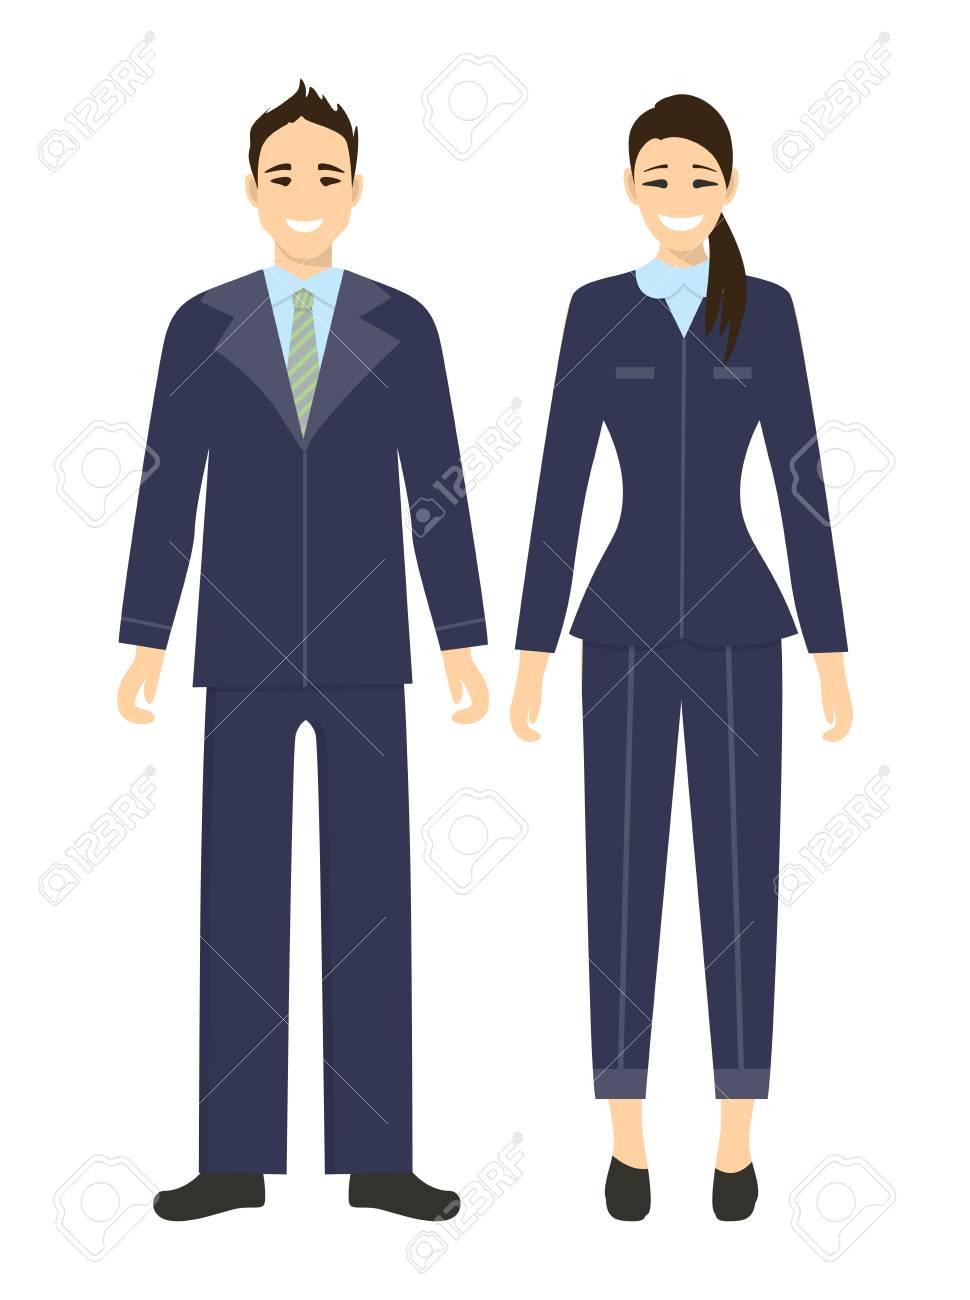 Di Su Coppie Bianca Bassa Priorità Donna In E Uomo Affari Isolate qg1nxBZ15A